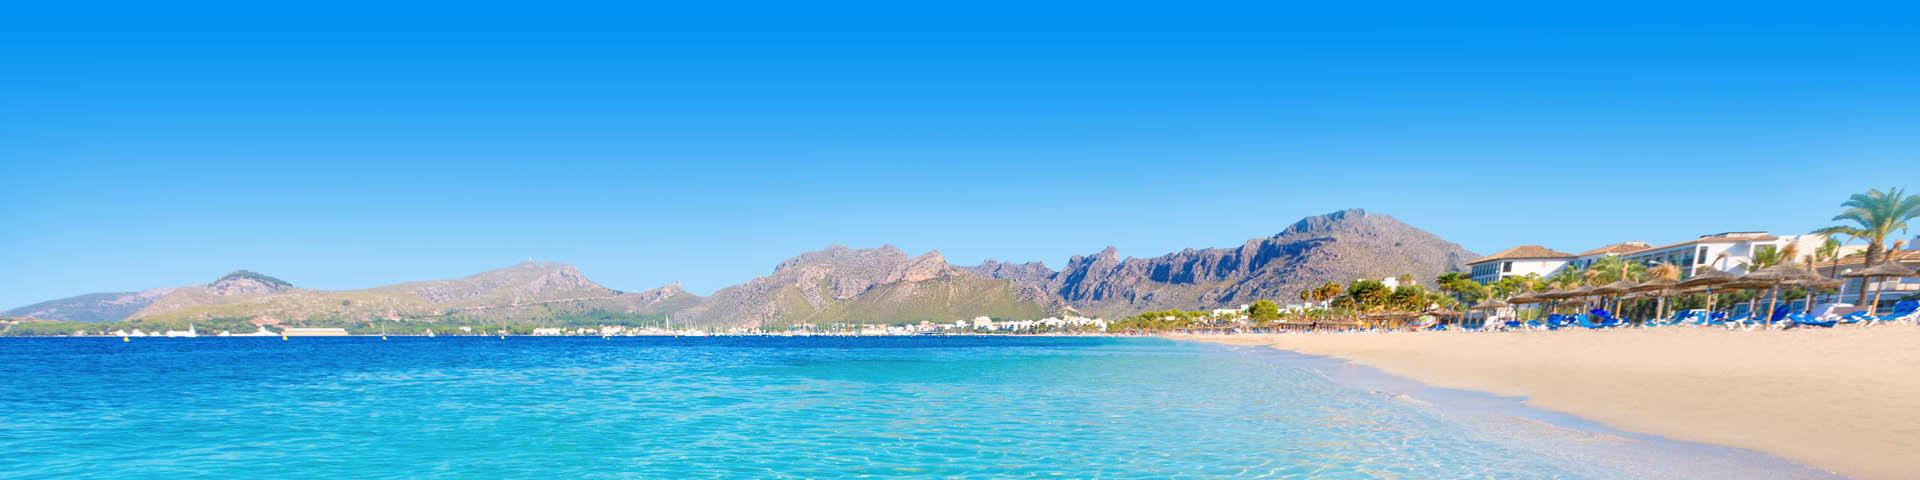 Helderblauwe zee met rotsen op de achtergrond aan de kustlijn van Mallorca